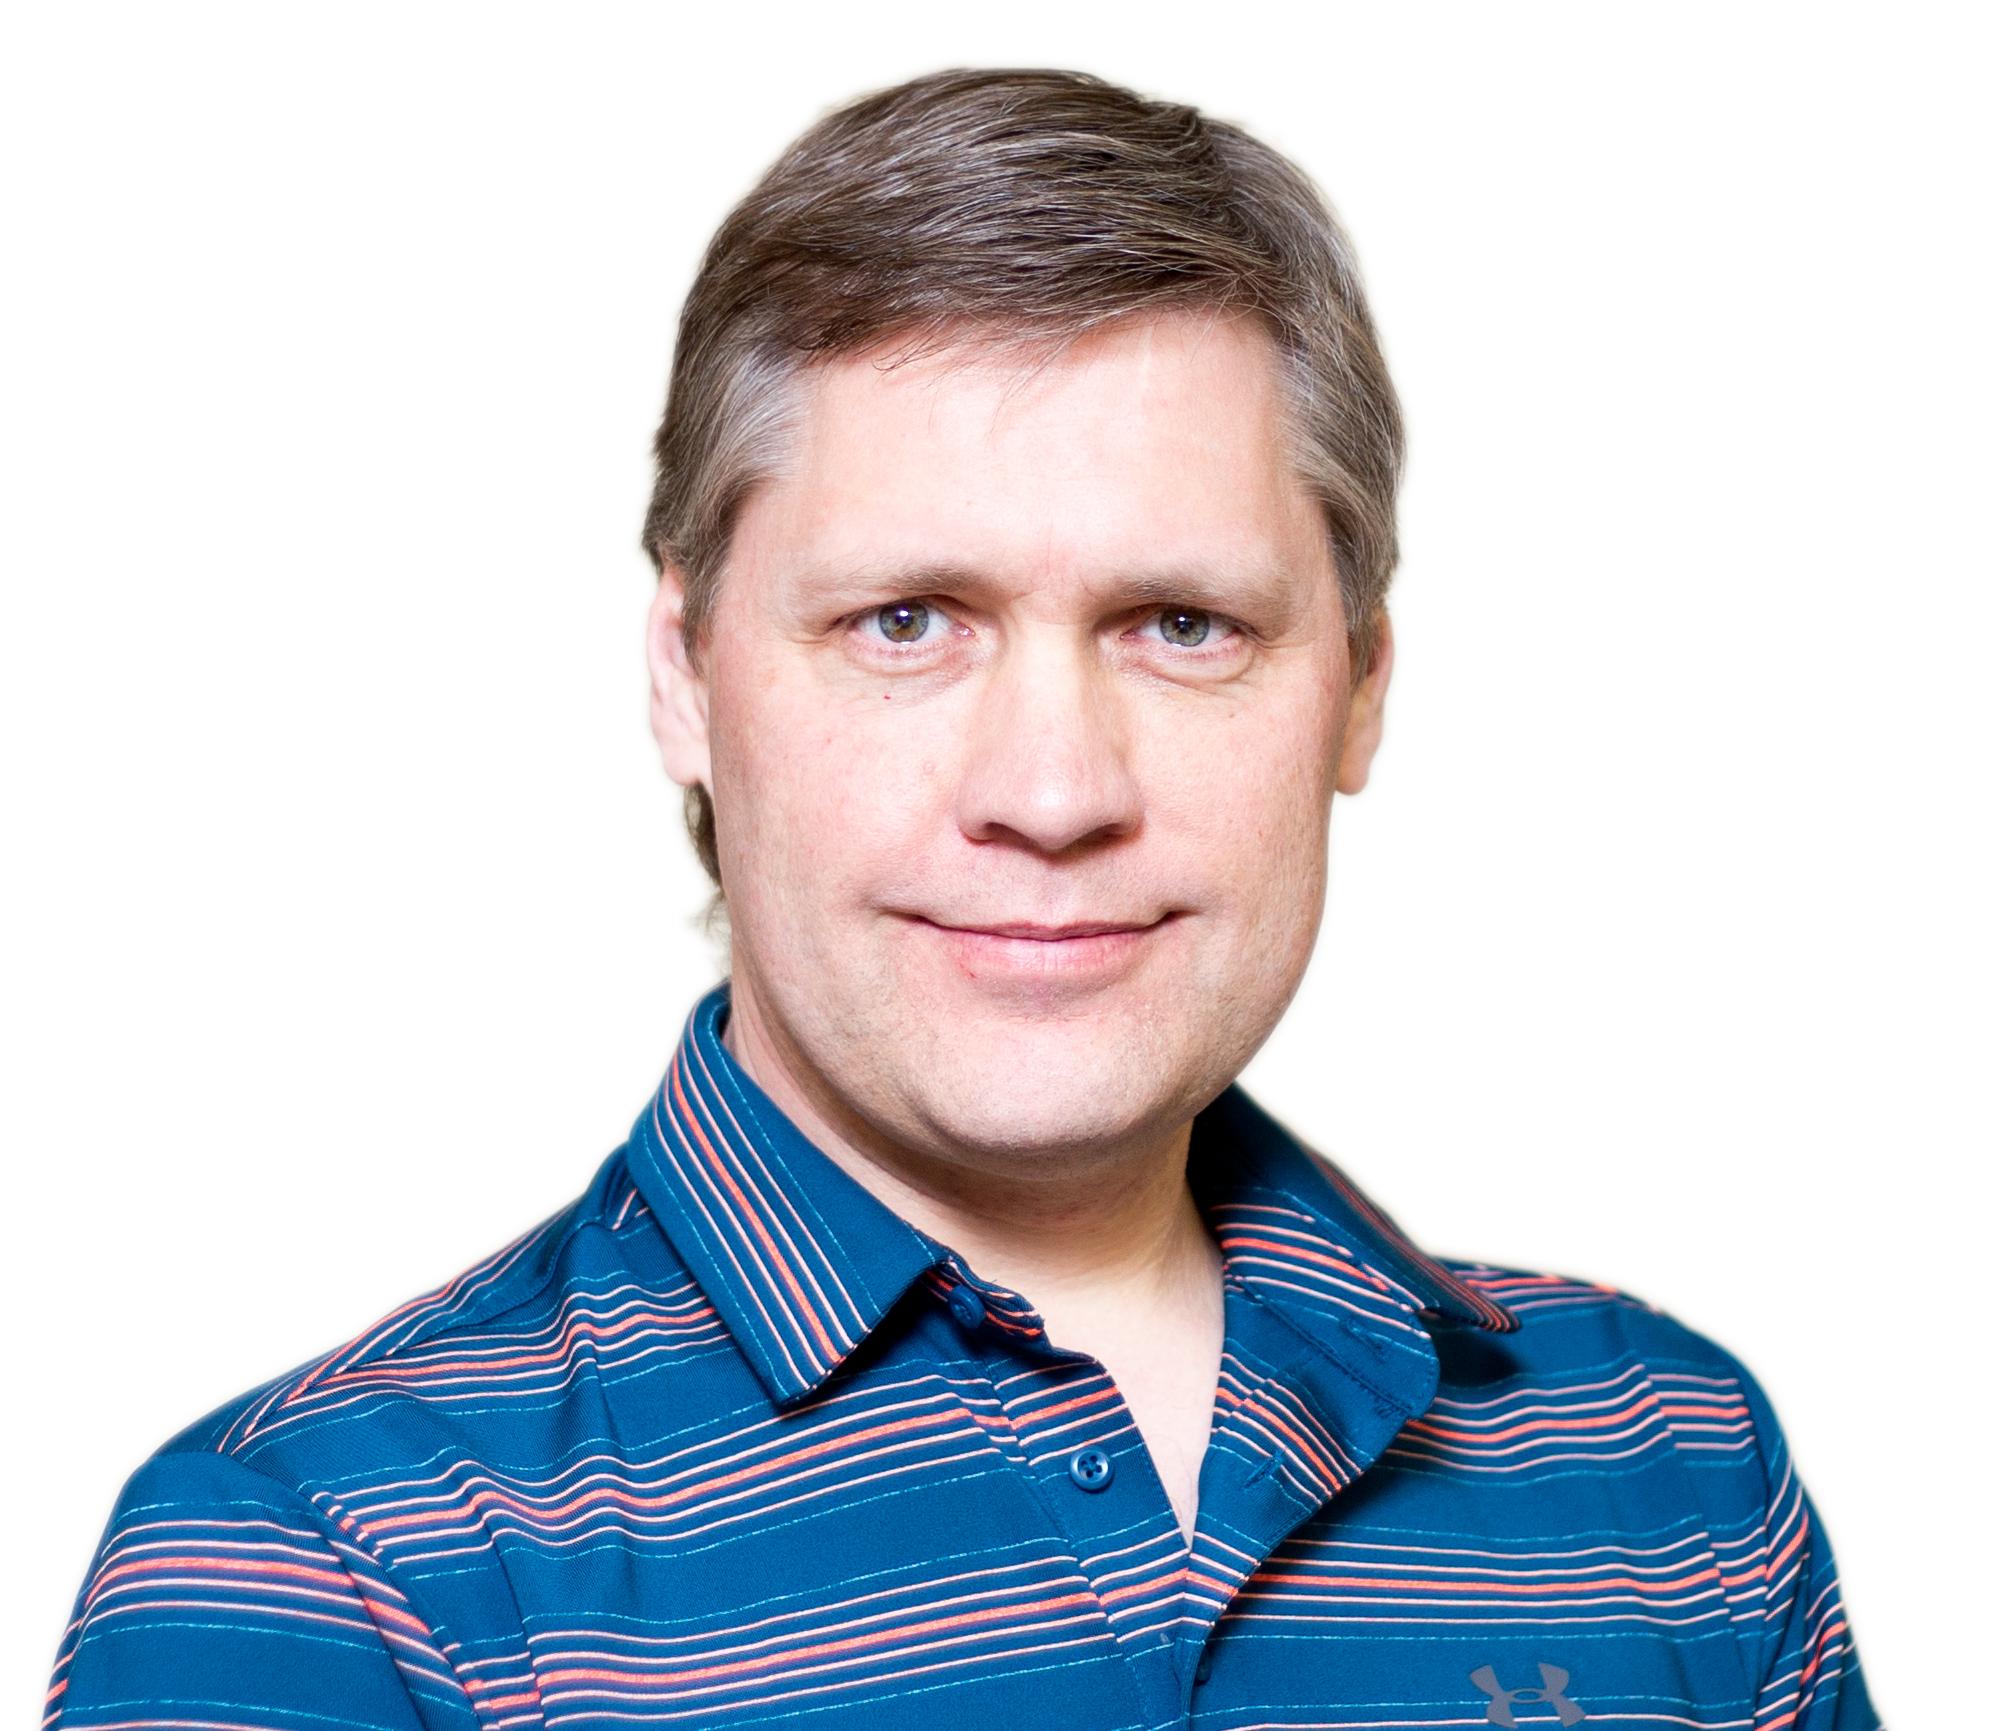 Paul Van Bakel   Directeur des finances   Je me suis joint à DriverCheck en 2019, et en tant que le tout dernier membre de l'équipe de direction, ce qui m'impressionne c'est l'atmosphère familiale. En tant que Directeur des Finances, mon travail est de superviser la santé financière de la compagnie et aider la famille DC à grandir à l'interne et à l'externe. Pour le plaisir, je suis bénévole pour le CPA Canada et j'apprécie passer du temps avec ma famille et mes amis au bord du lac.